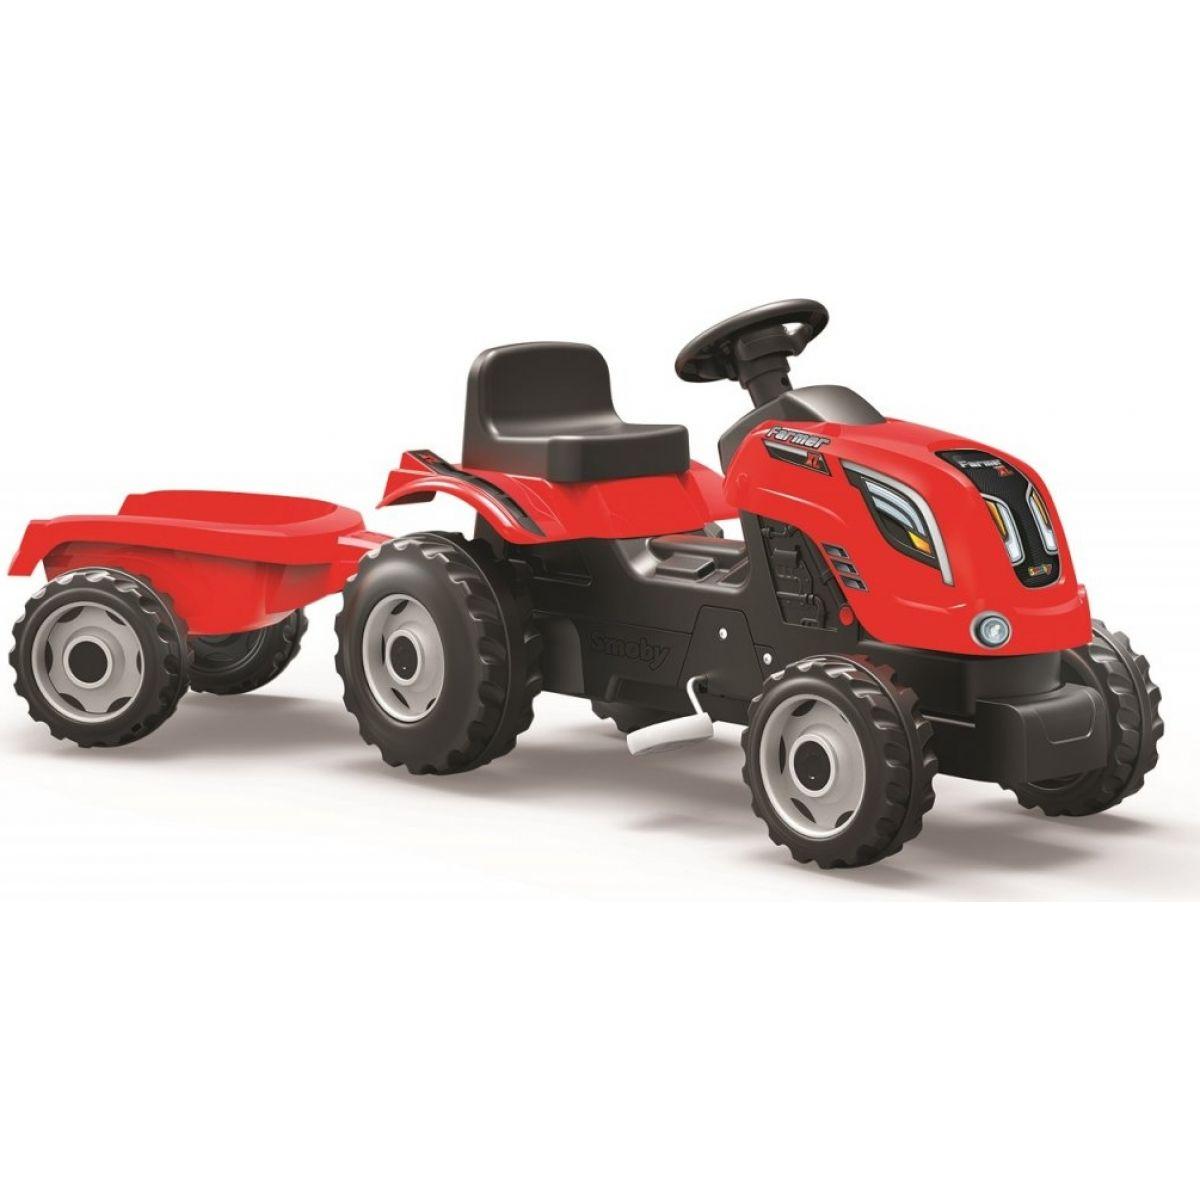 Smoby Šlapací traktor Farmer XL červený s vozíkem Smoby